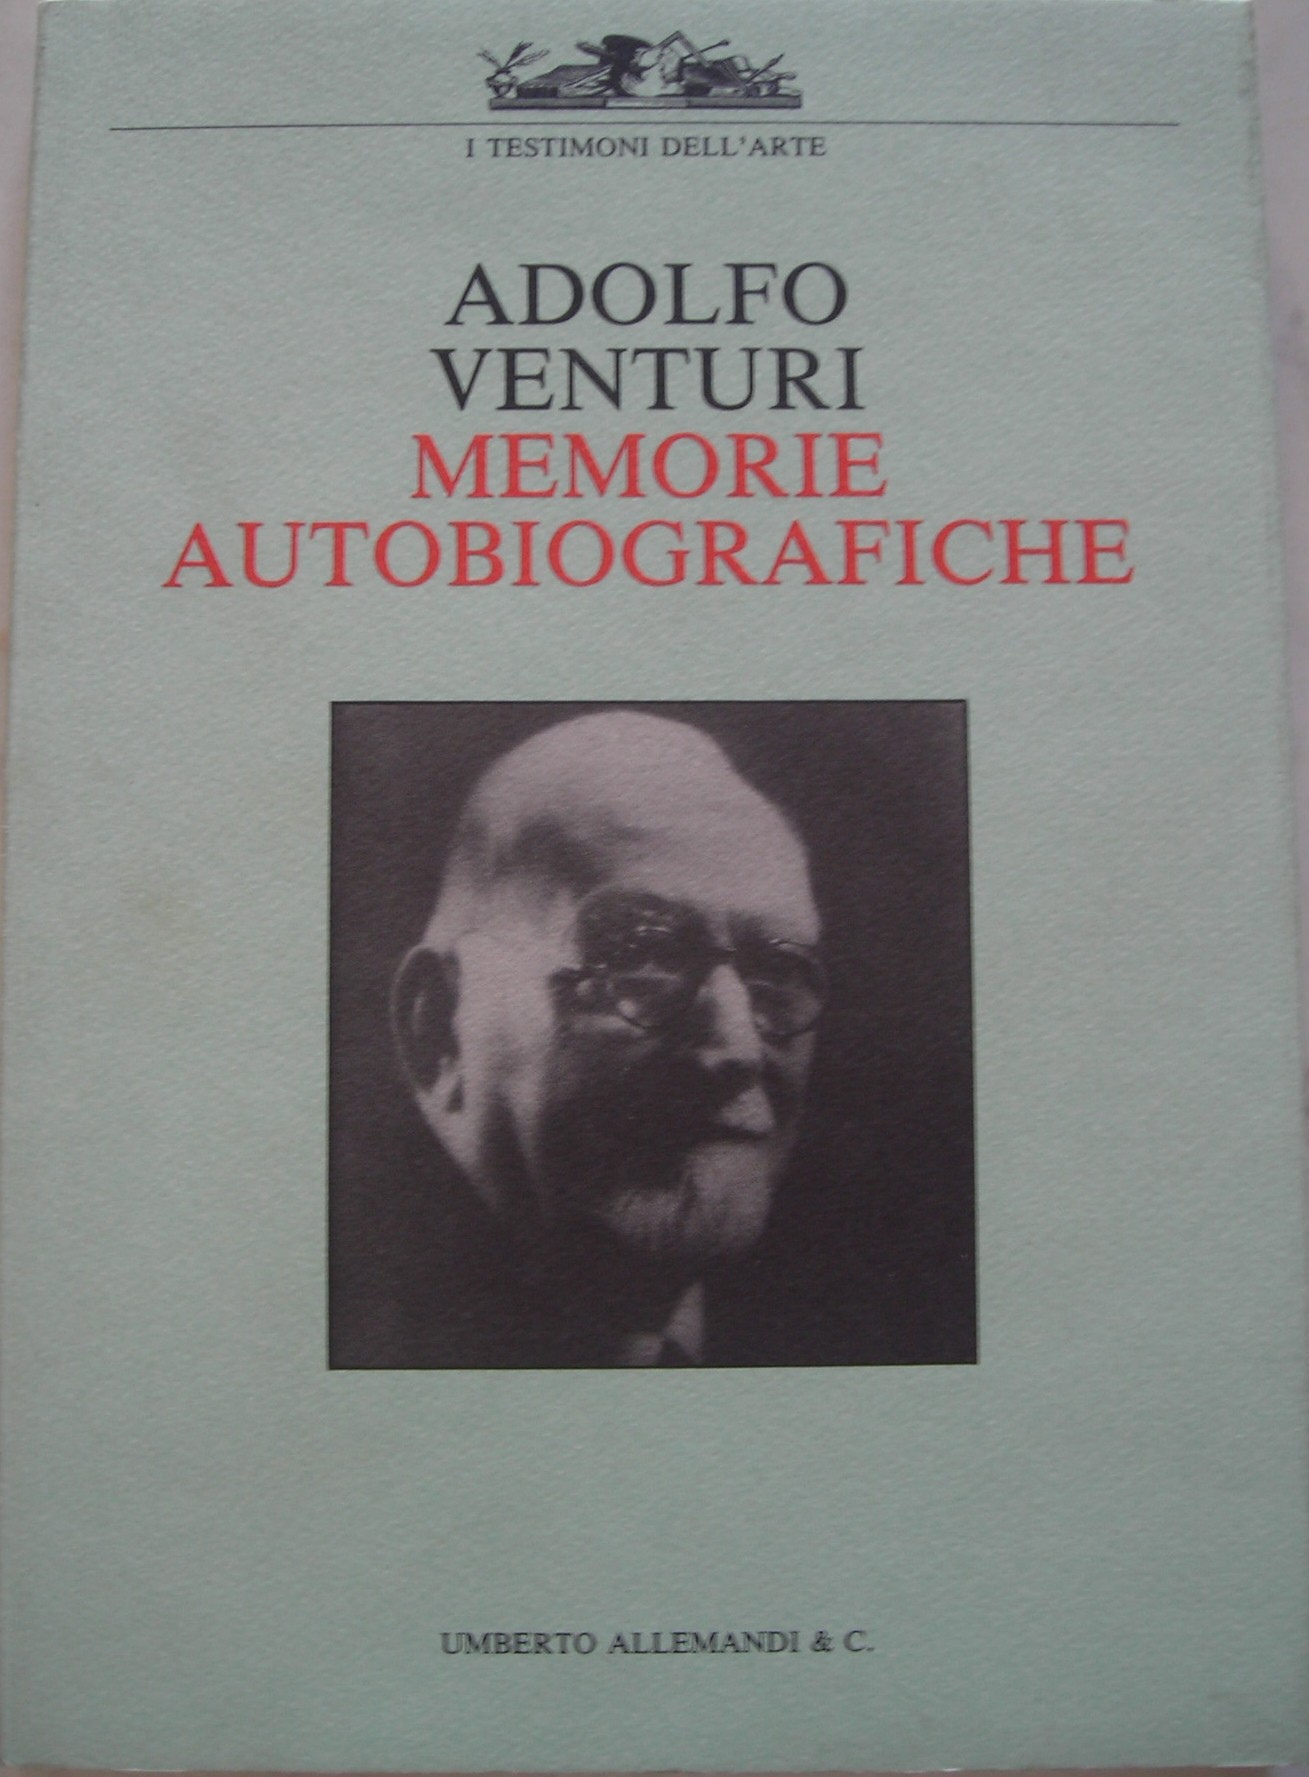 Memorie autobiografiche